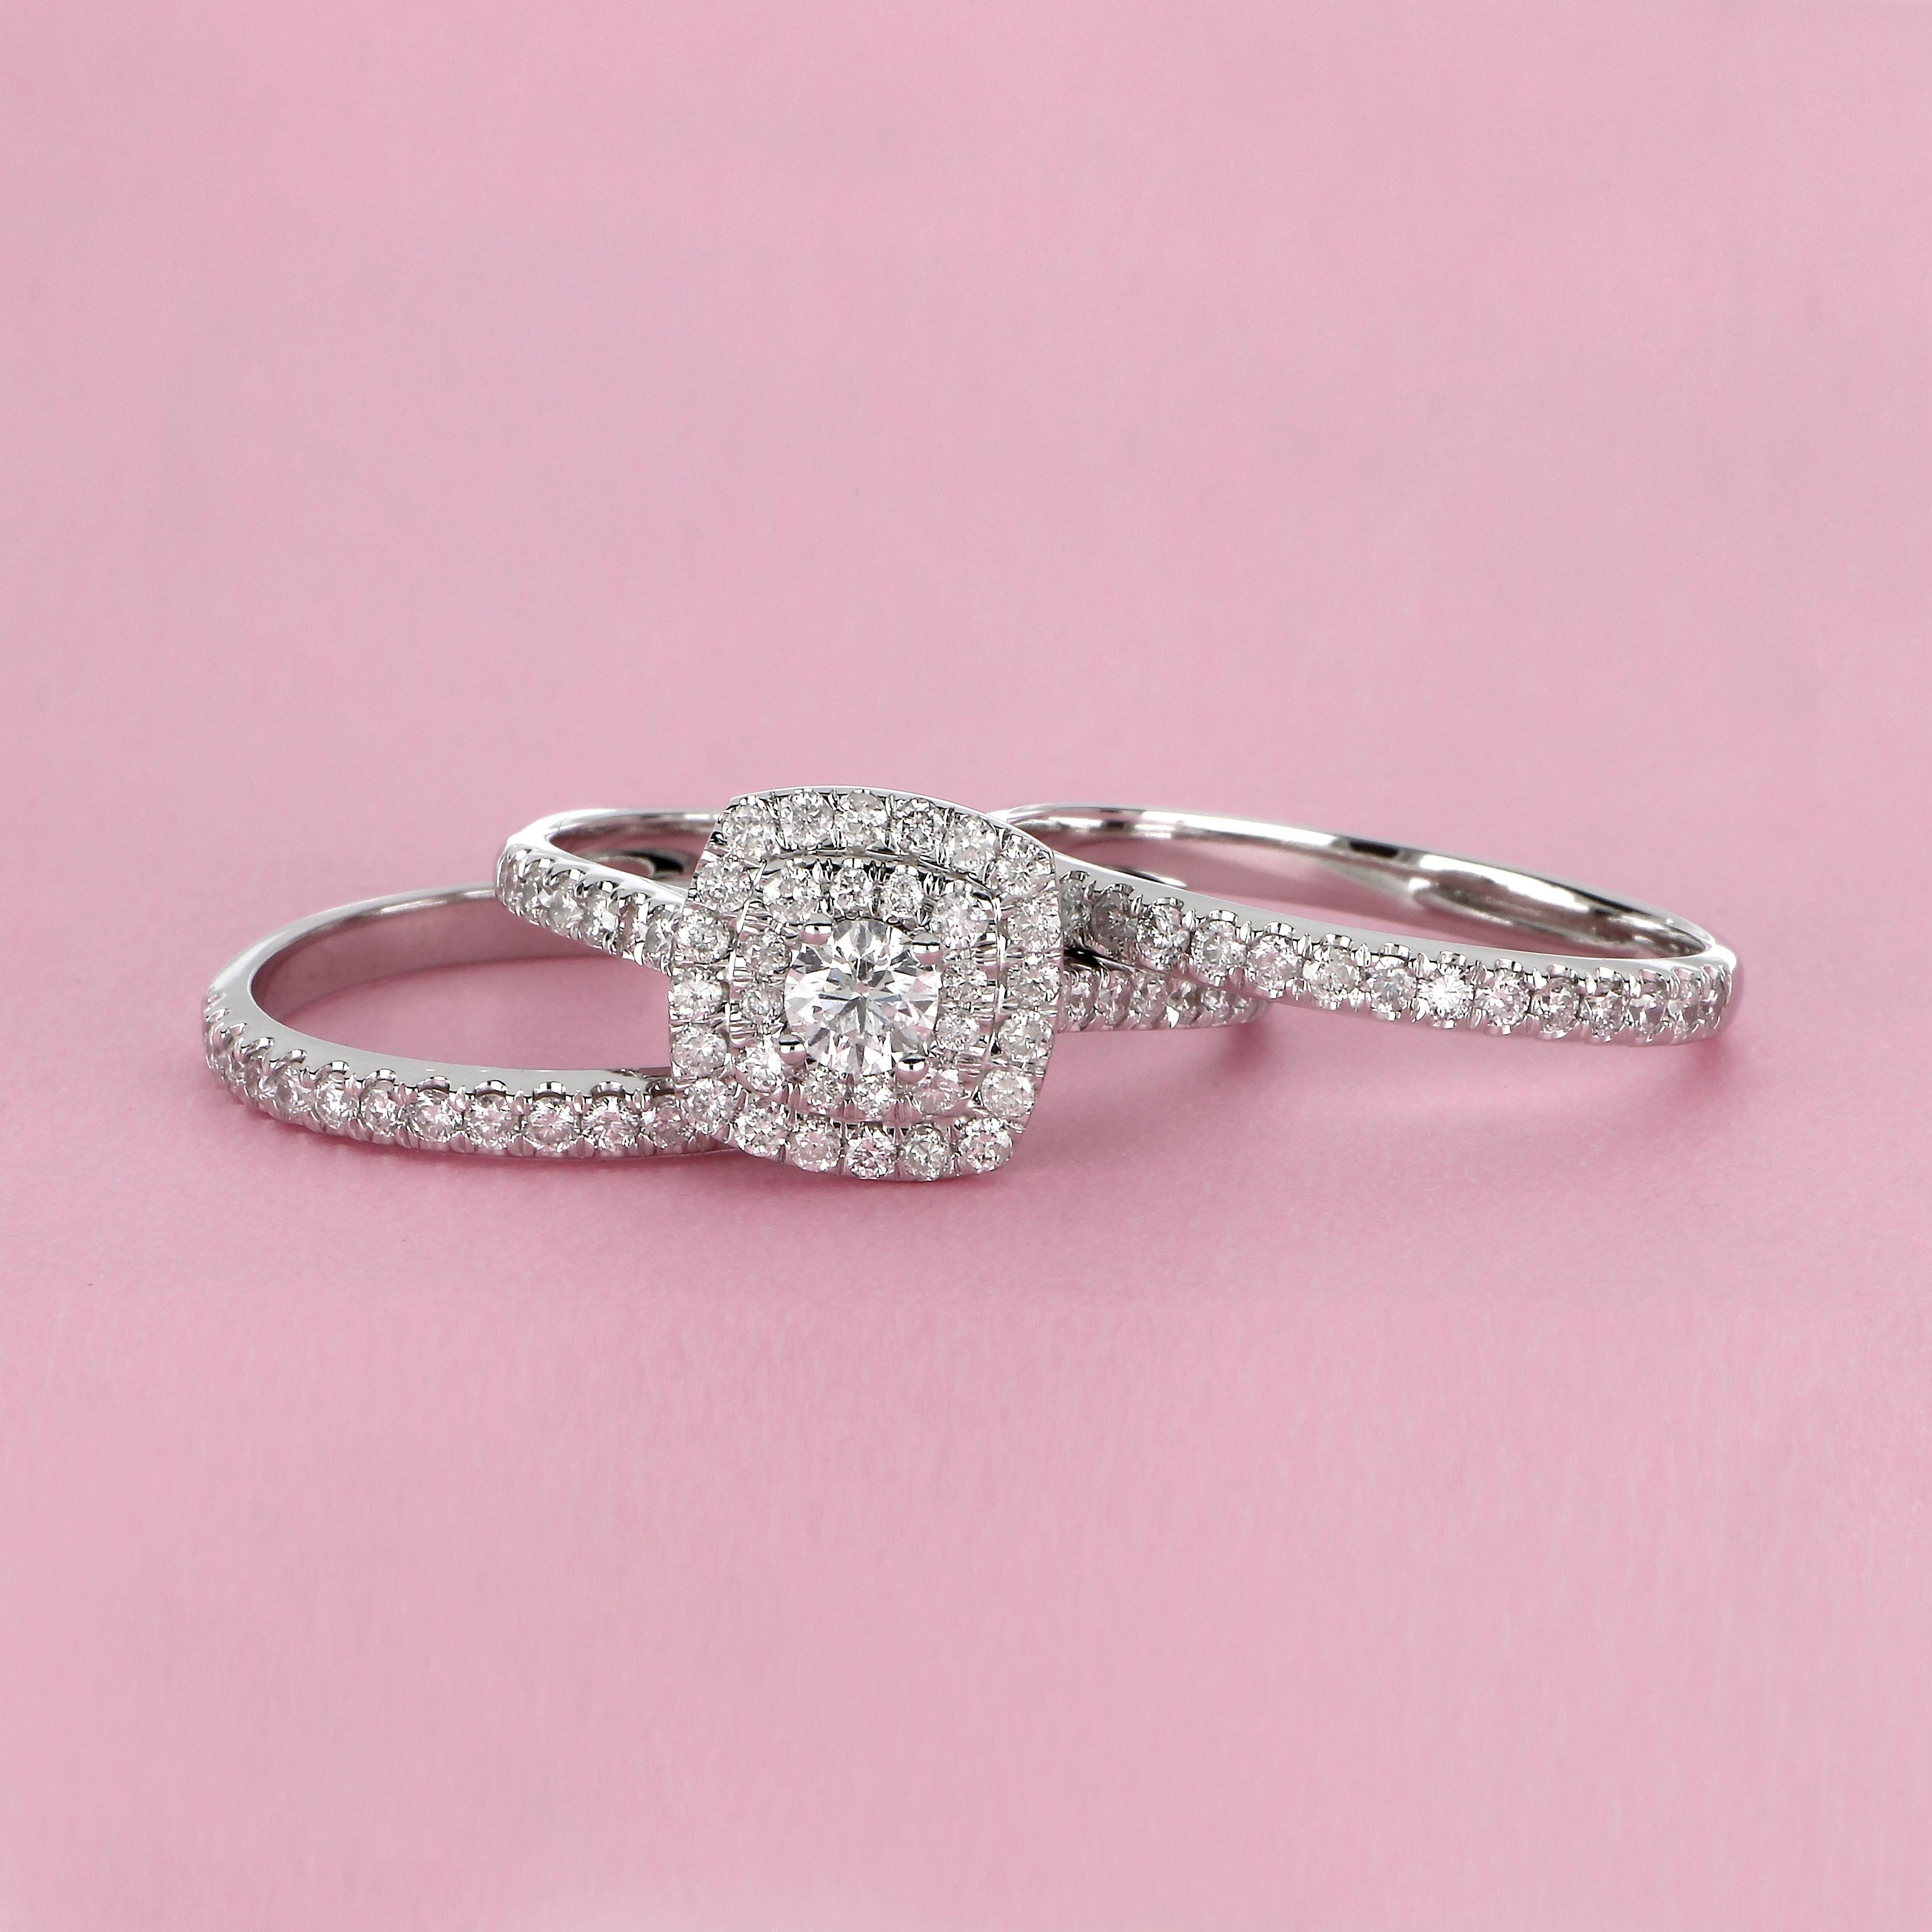 Size 12 Elegant 10k White Gold CZ Halo Wedding Engagement Ring Set